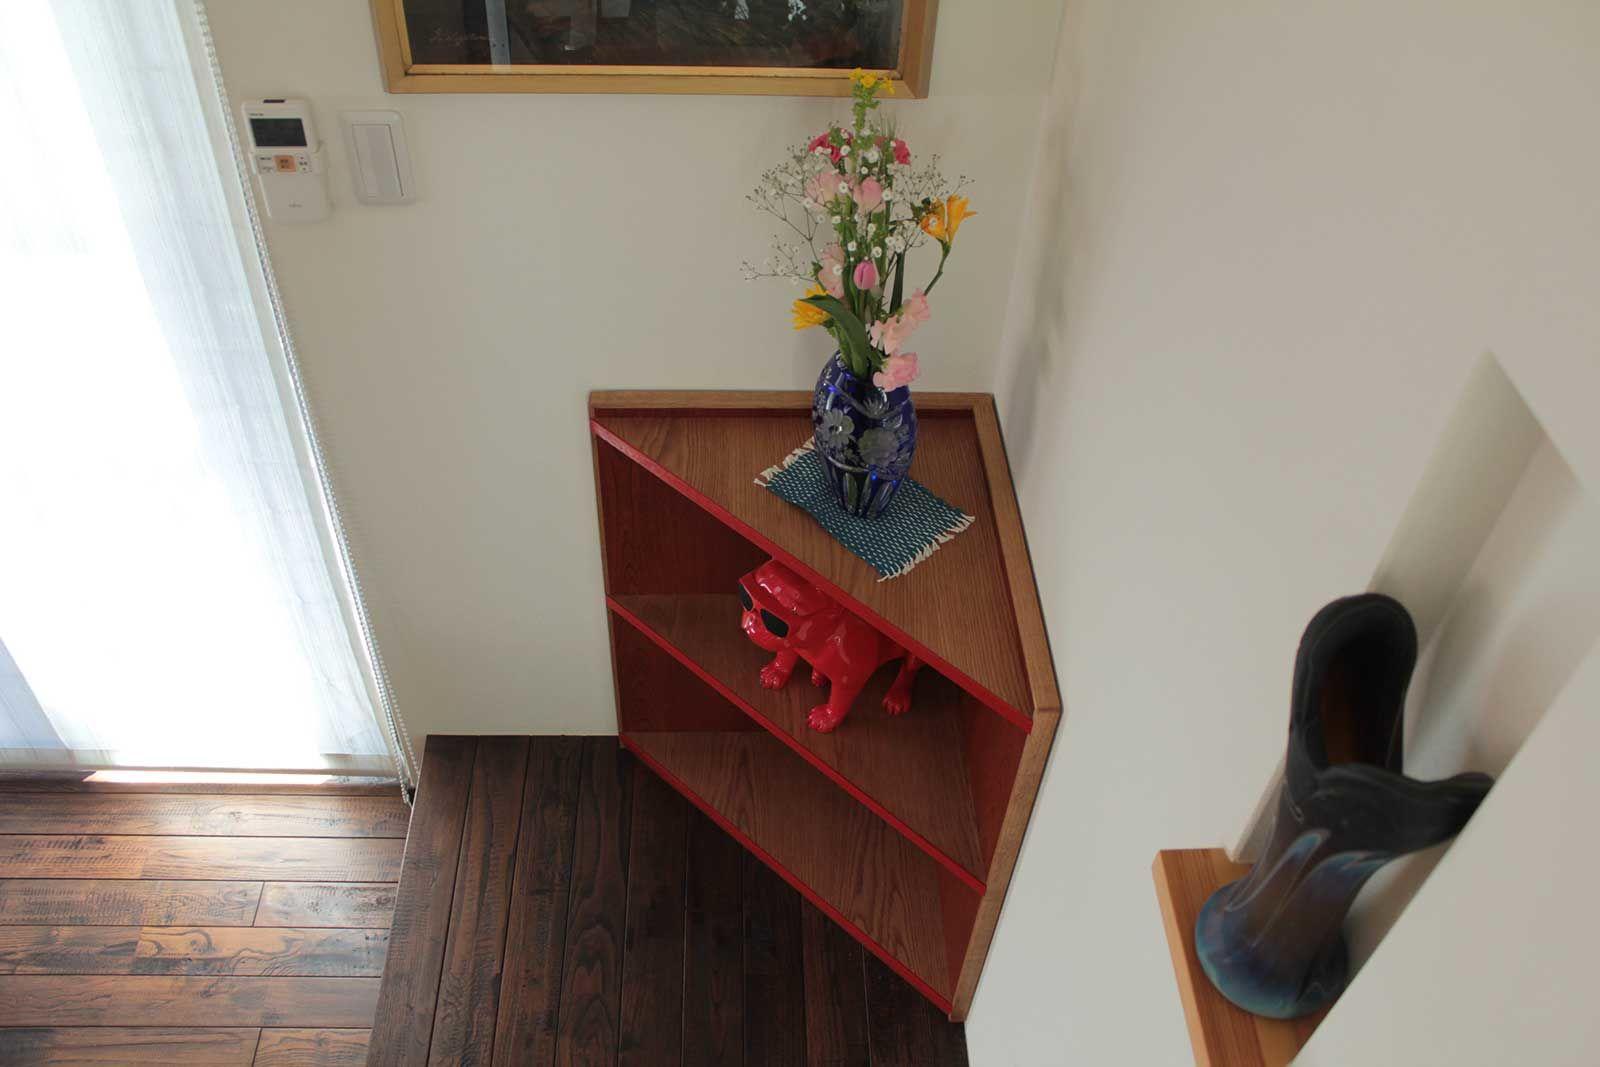 棚板の面縁には鮮やかな赤色を差し入れ、お洒落な印象に